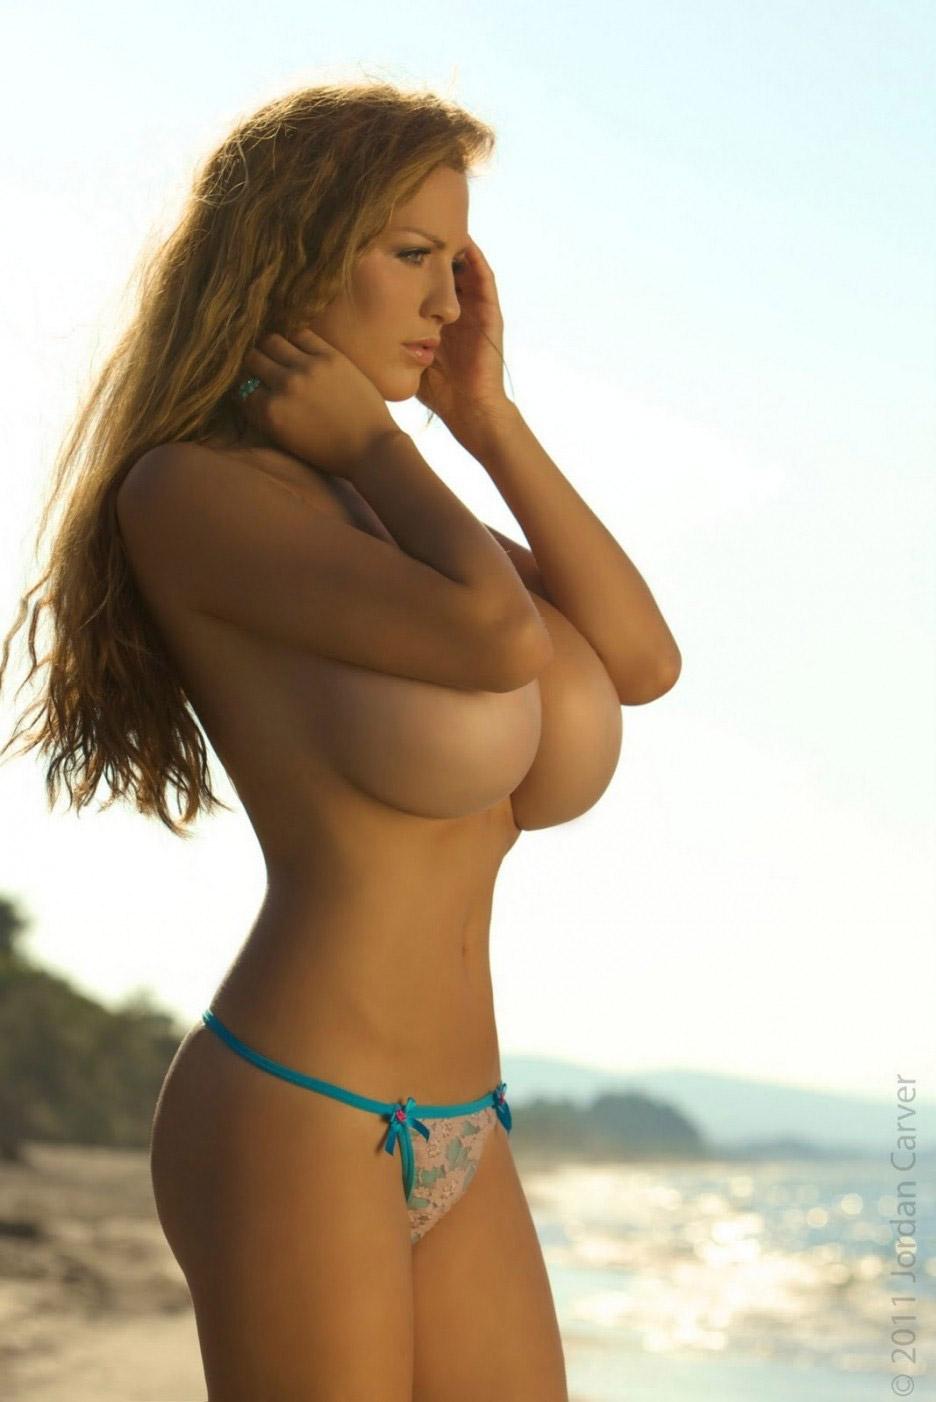 【おっぱい】偽乳を疑ってしまうほどのまん丸すぎるメロン巨乳の女性ってwww【30枚】 05